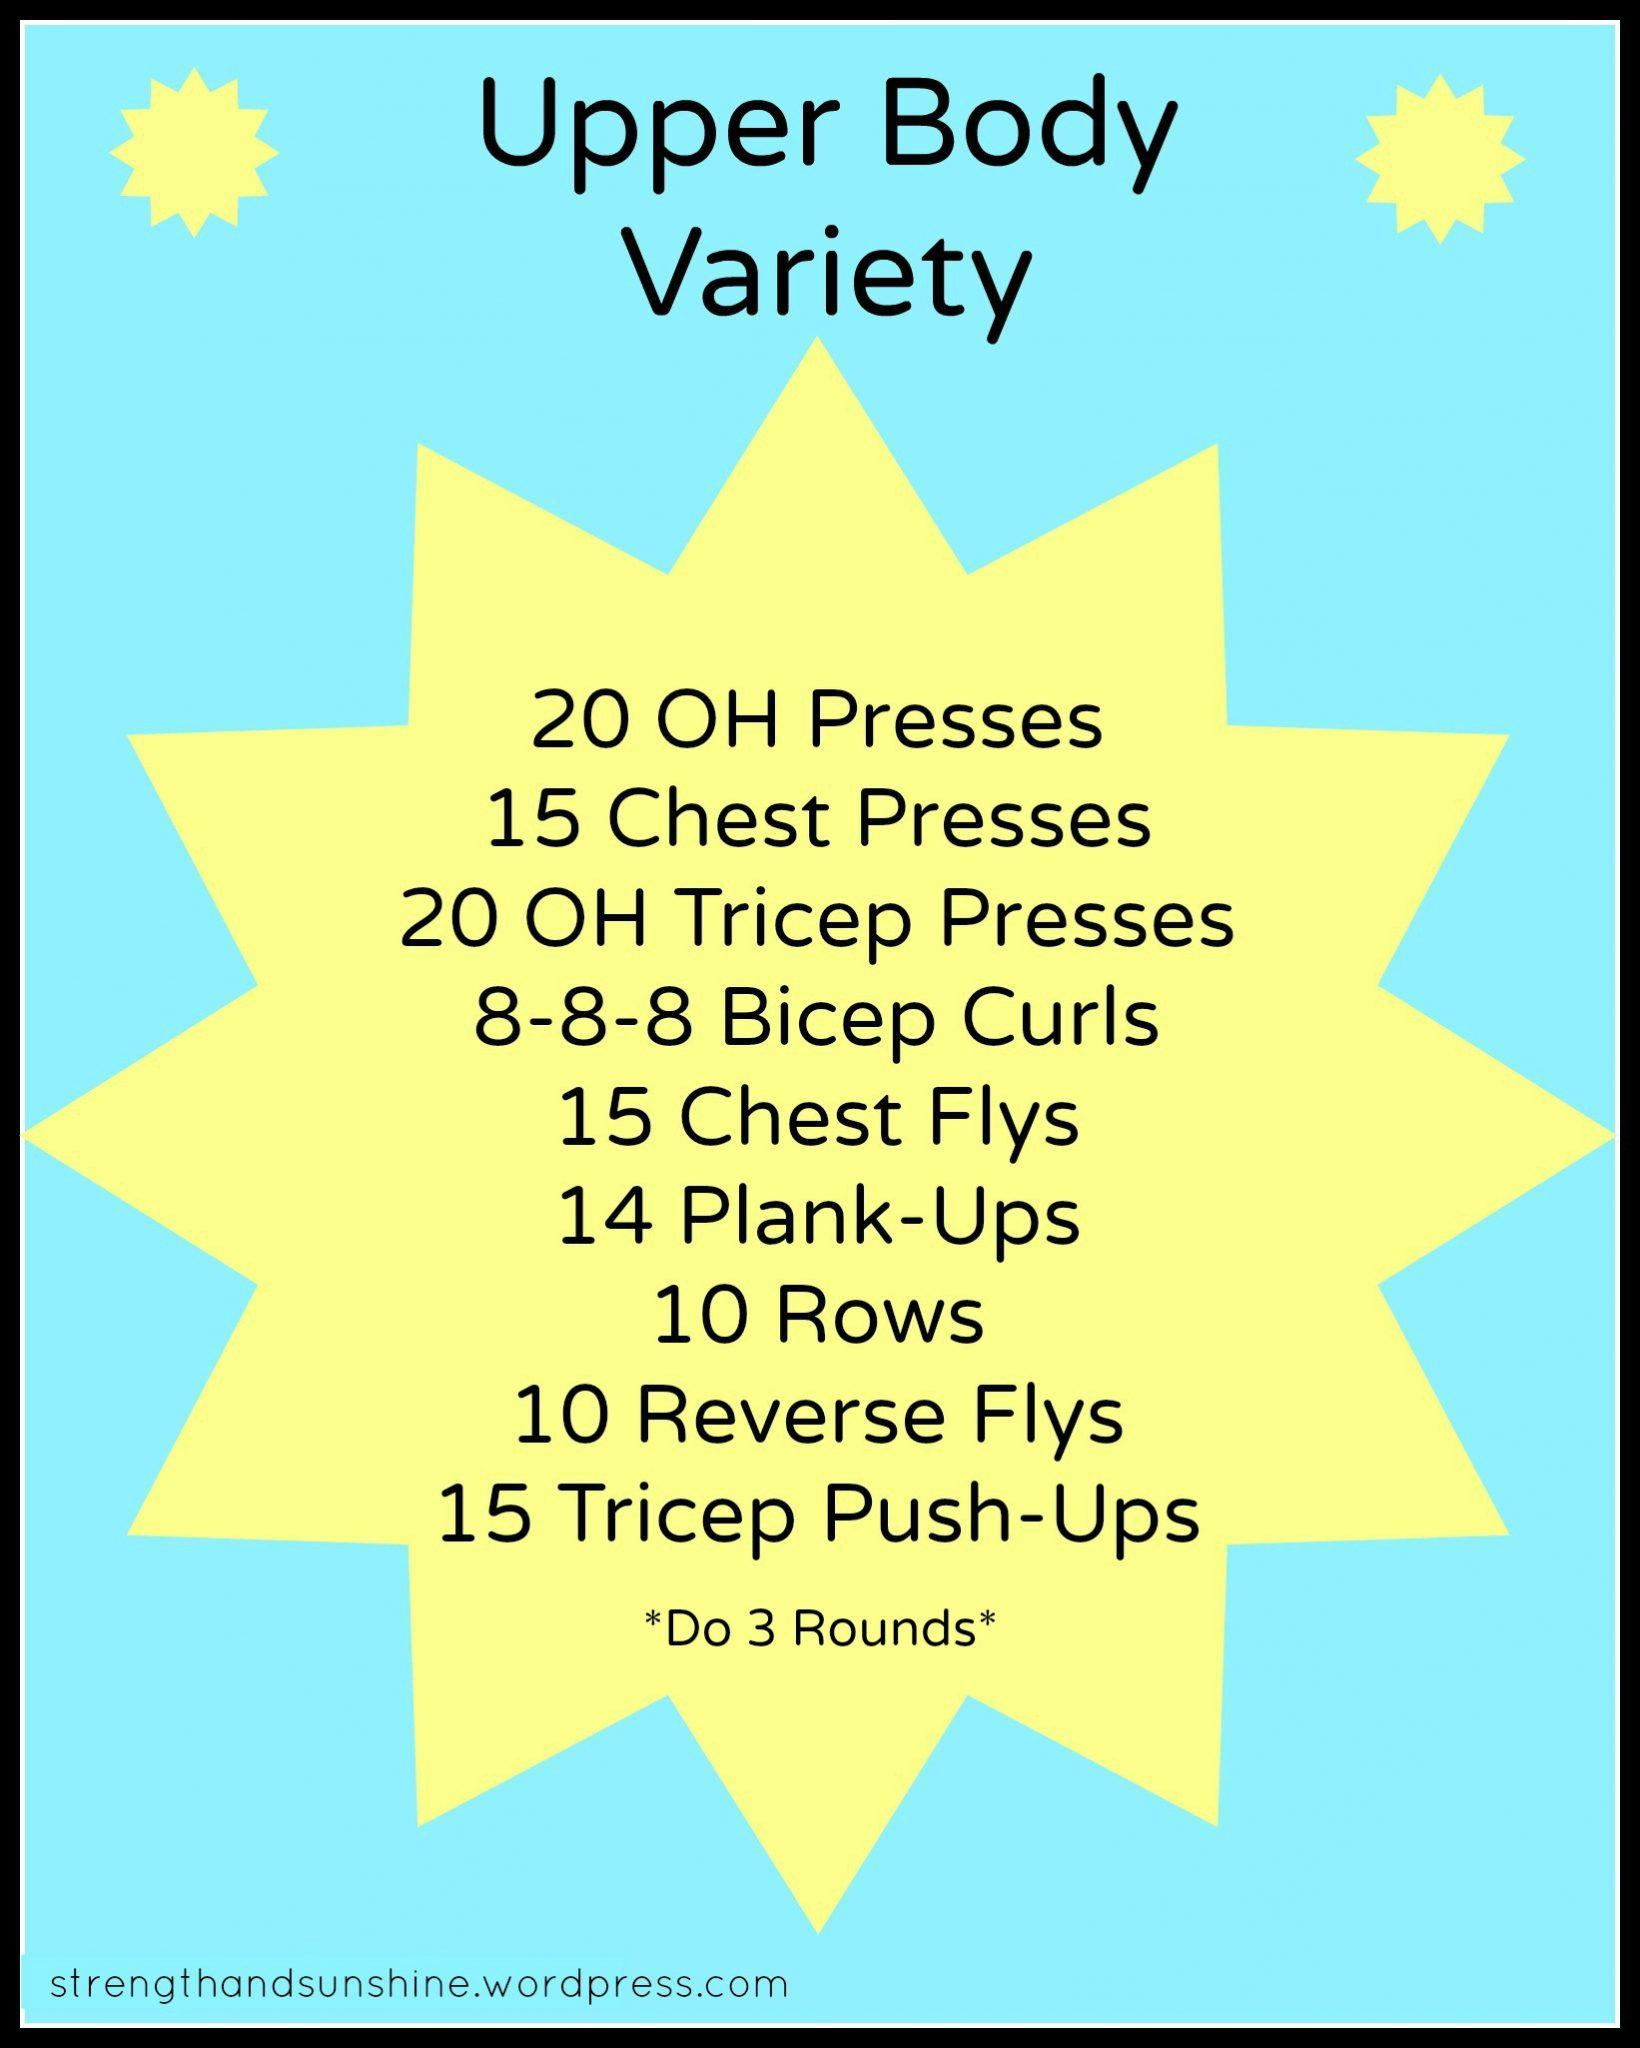 Upper Body Variety